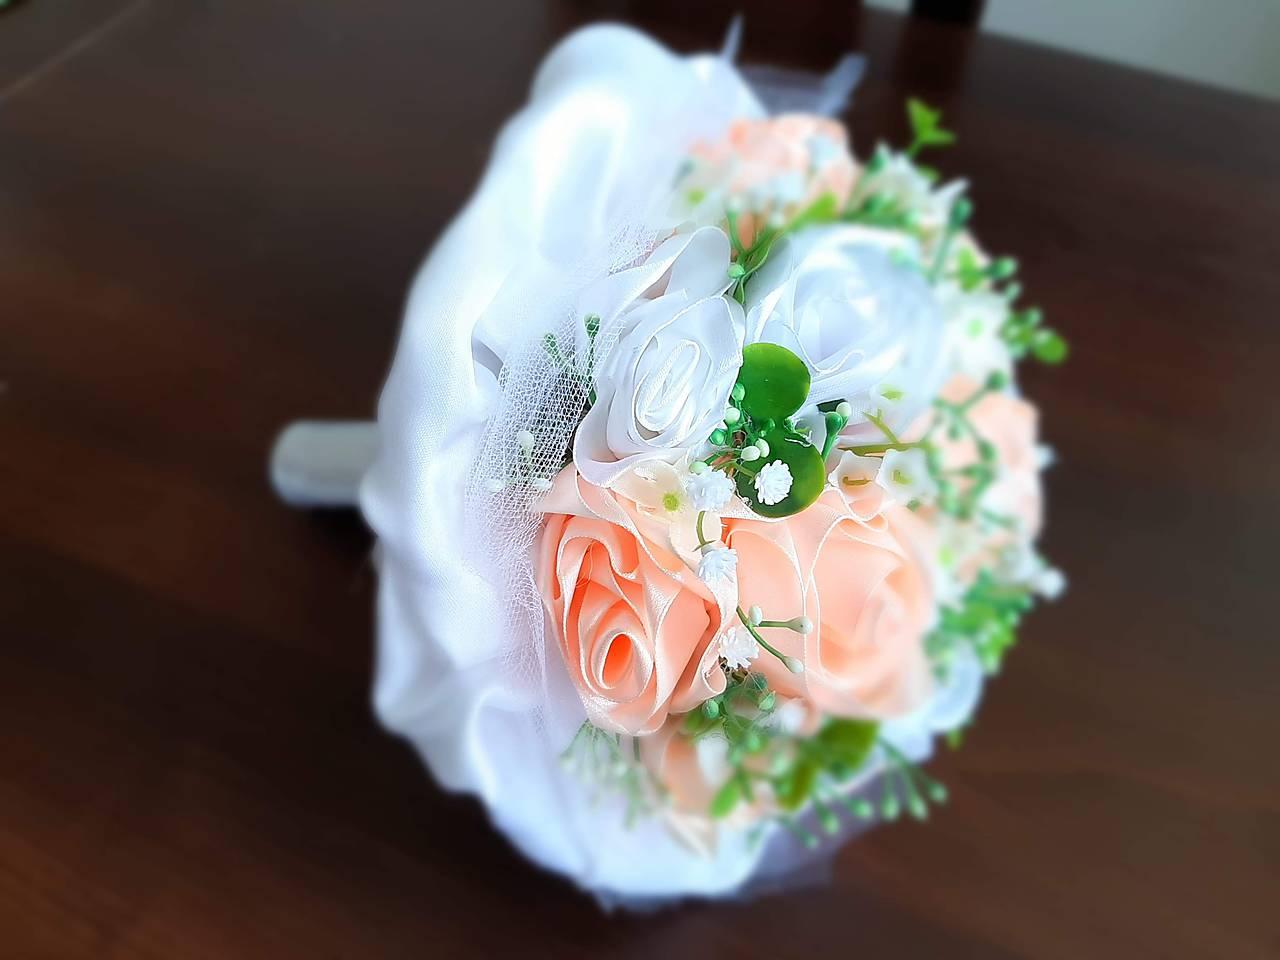 svadobná kytica marhuľová - Obrázok č. 3